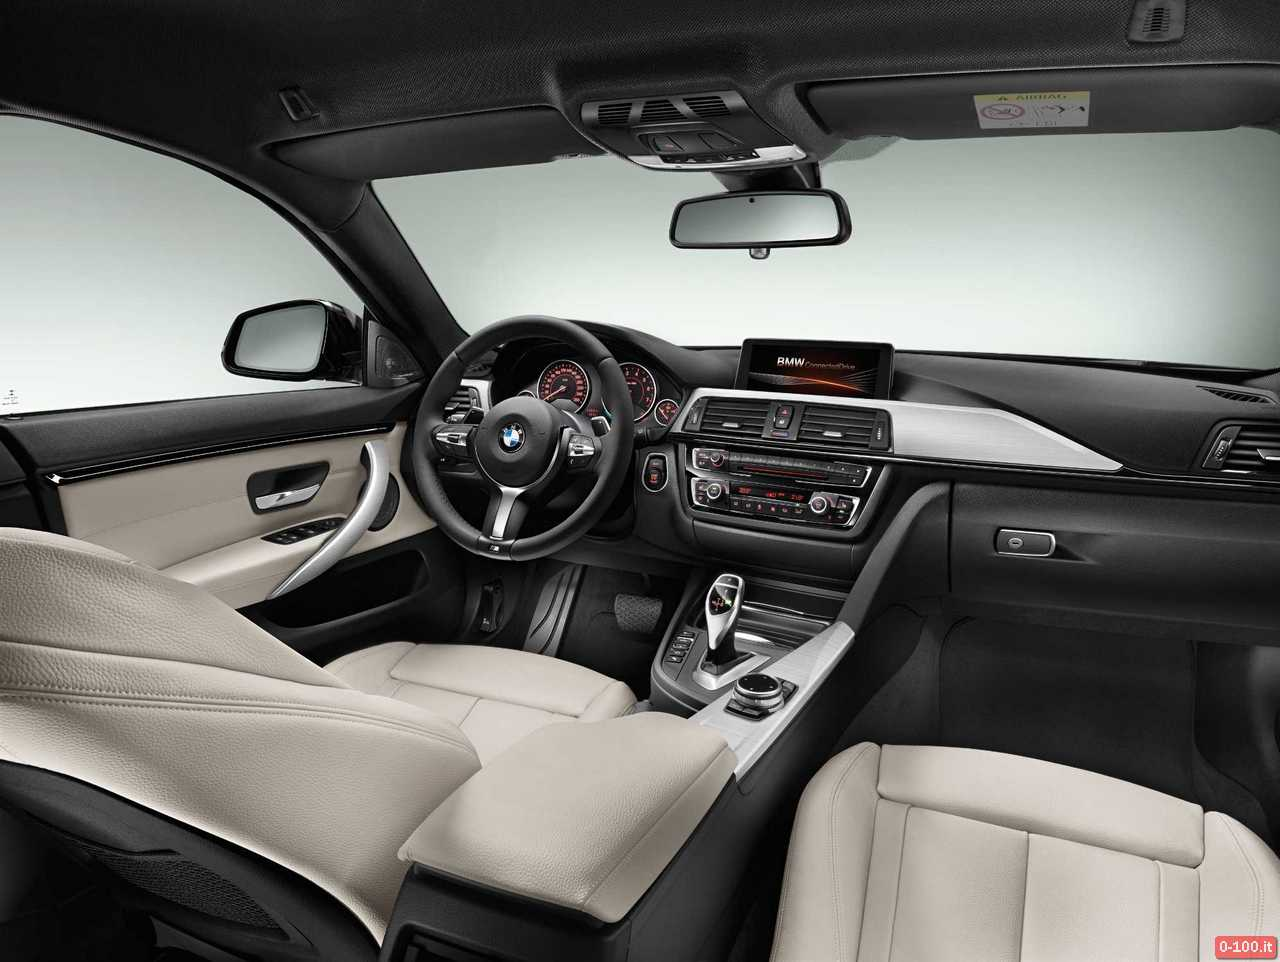 bmw-serie-4-gran-coupe-prezzo-price-ginevra-geneve-2014-0-100_28